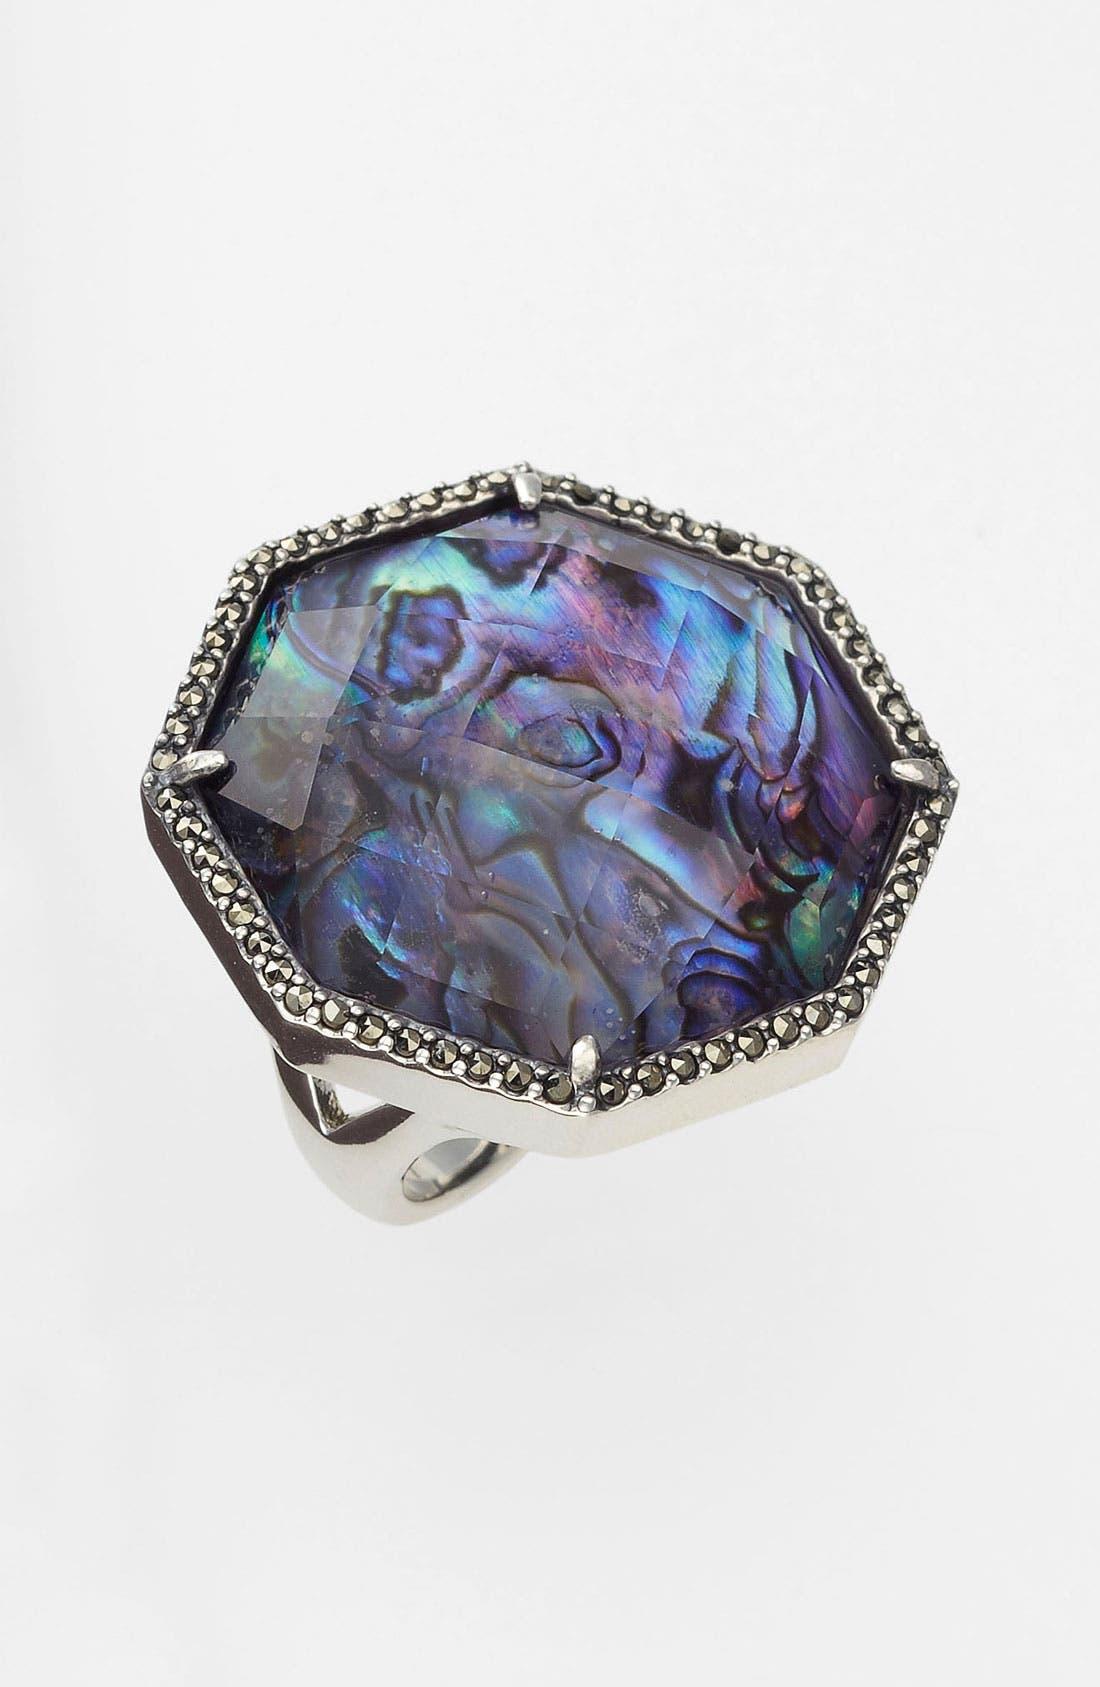 Alternate Image 1 Selected - Judith Jack 'Maldives' Stone Ring